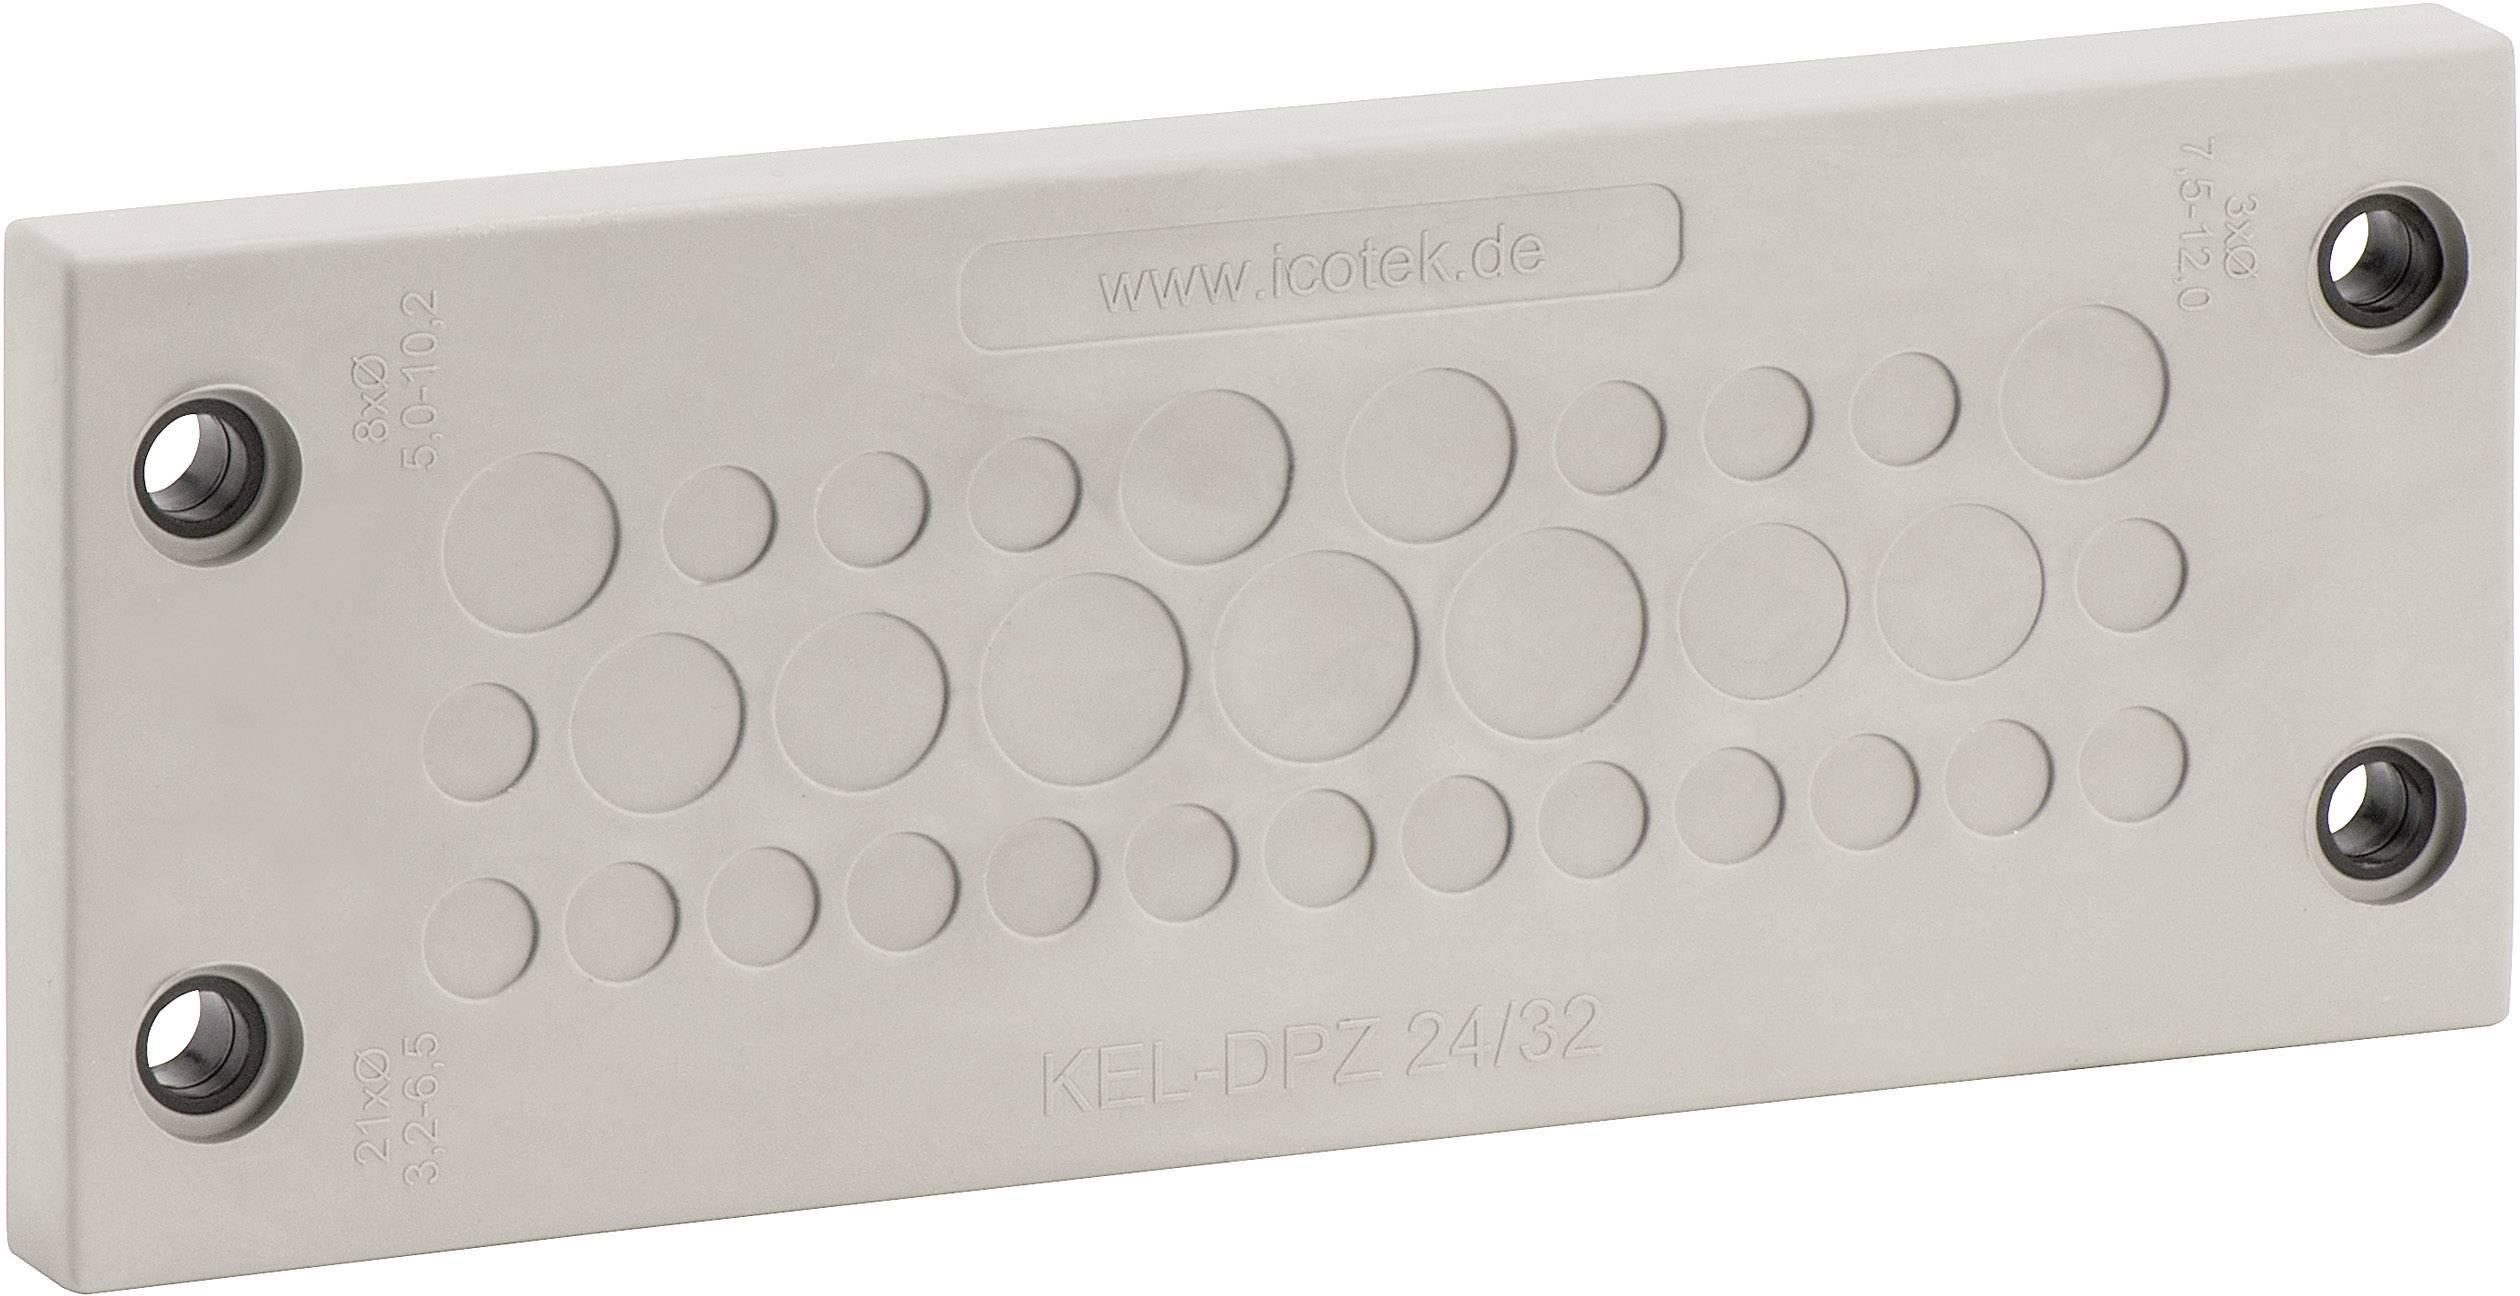 Doštička pre káblové priechodky Icotek KEL-DPZ 24/32, Ø 10.2 mm, IP65, polyamid, elastomér, sivá, čierna, 1 ks